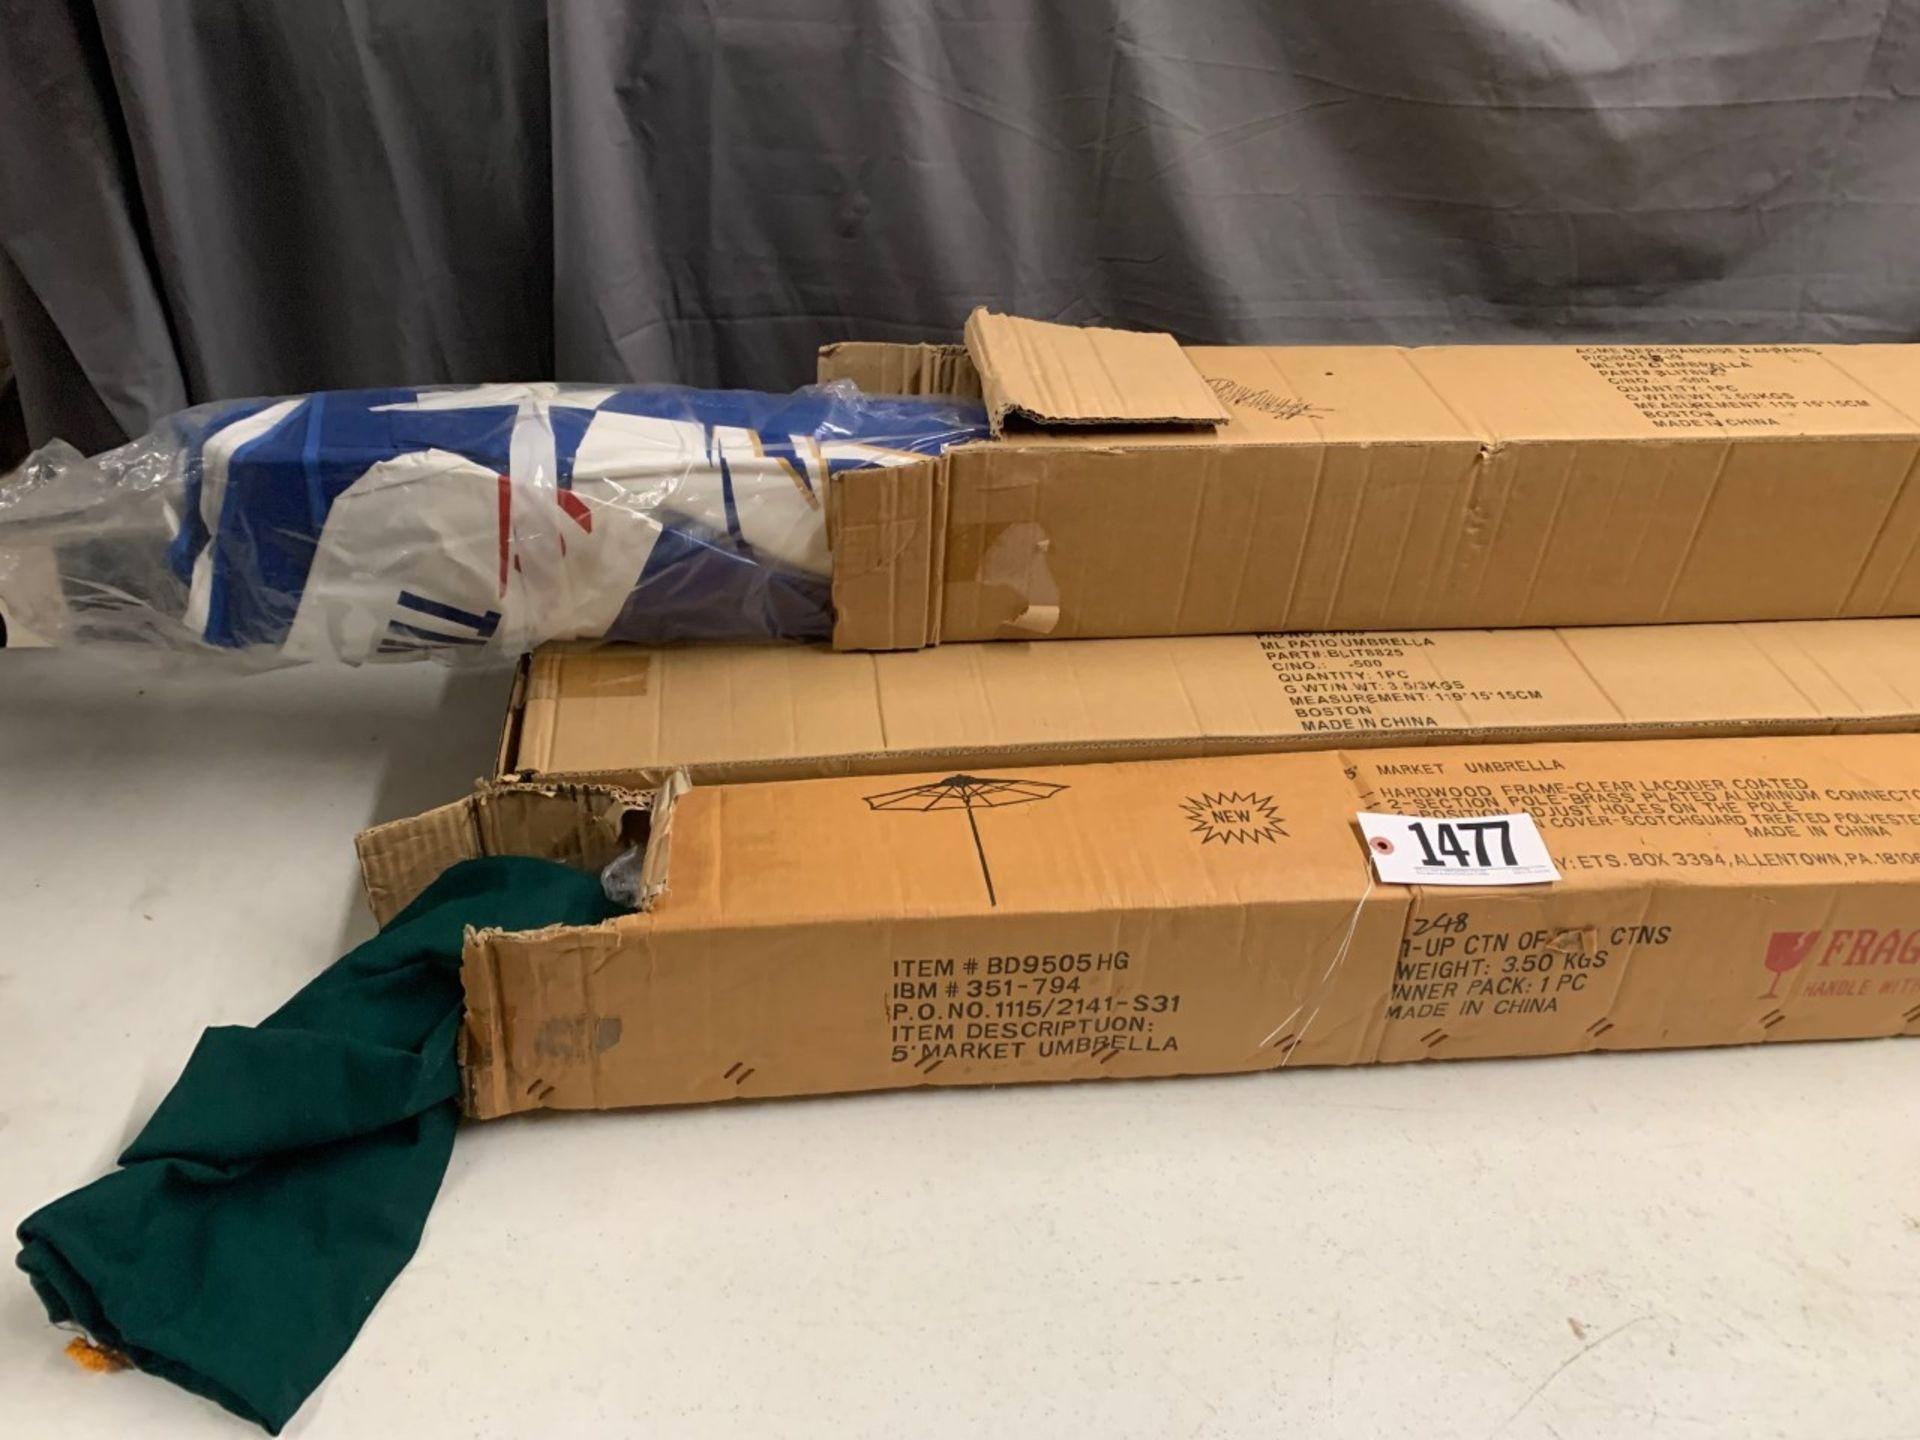 Lot 1477 - market umbrellas 3 Miller 1 Green new in box